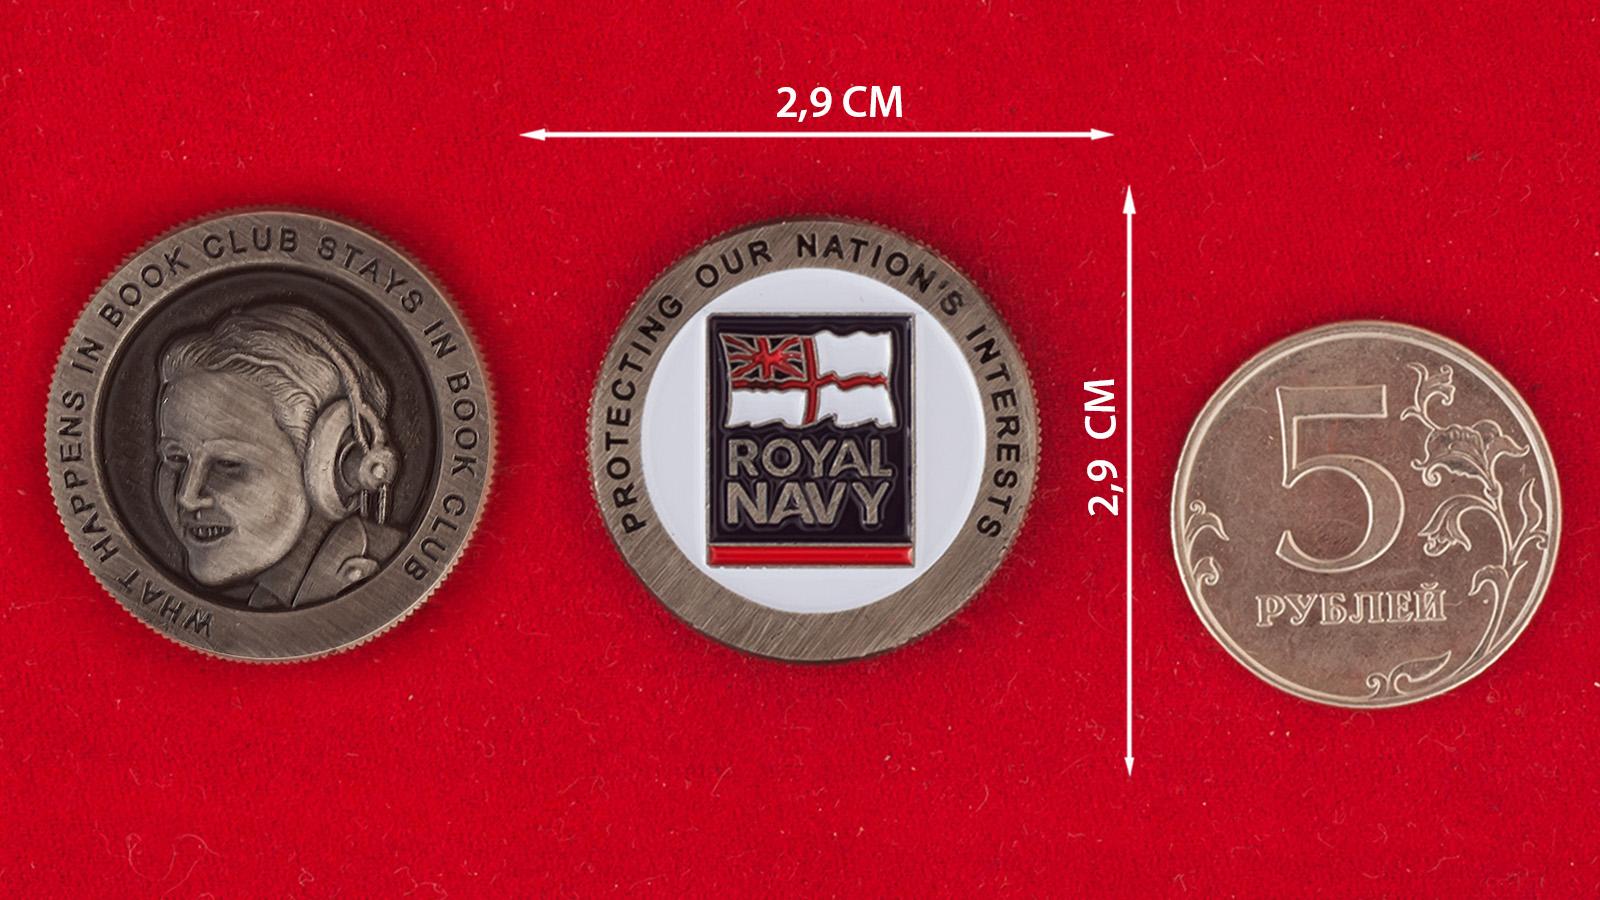 Челлендж коин библиотеки Королевских ВМС Великобритании - сравнительный размер